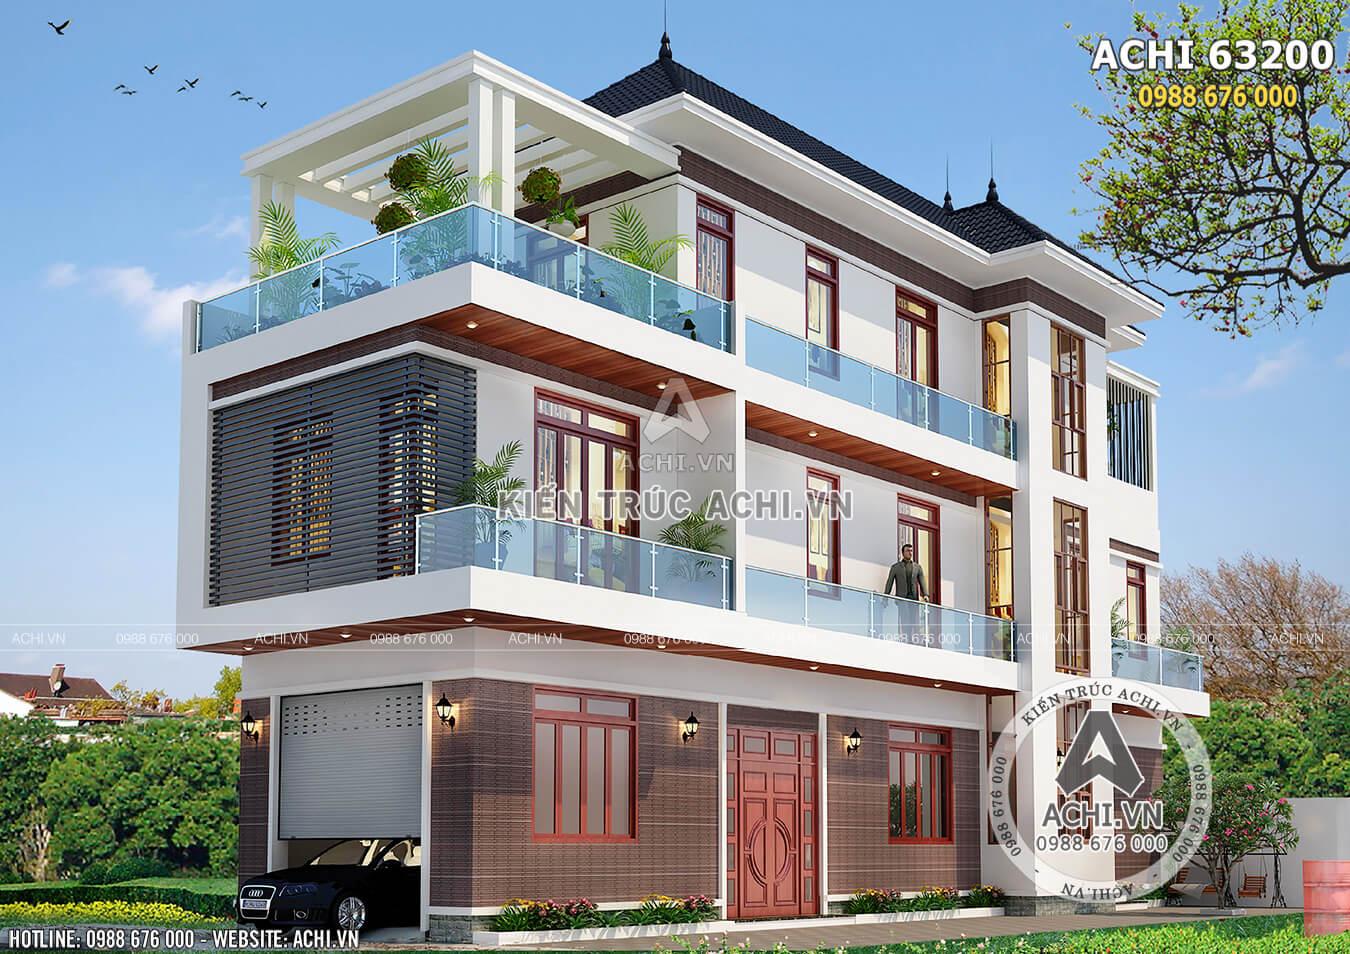 Không gian ngoại thất đẹp hút hồn của mẫu thiết kế biệt thự 3 tầng hiện đại